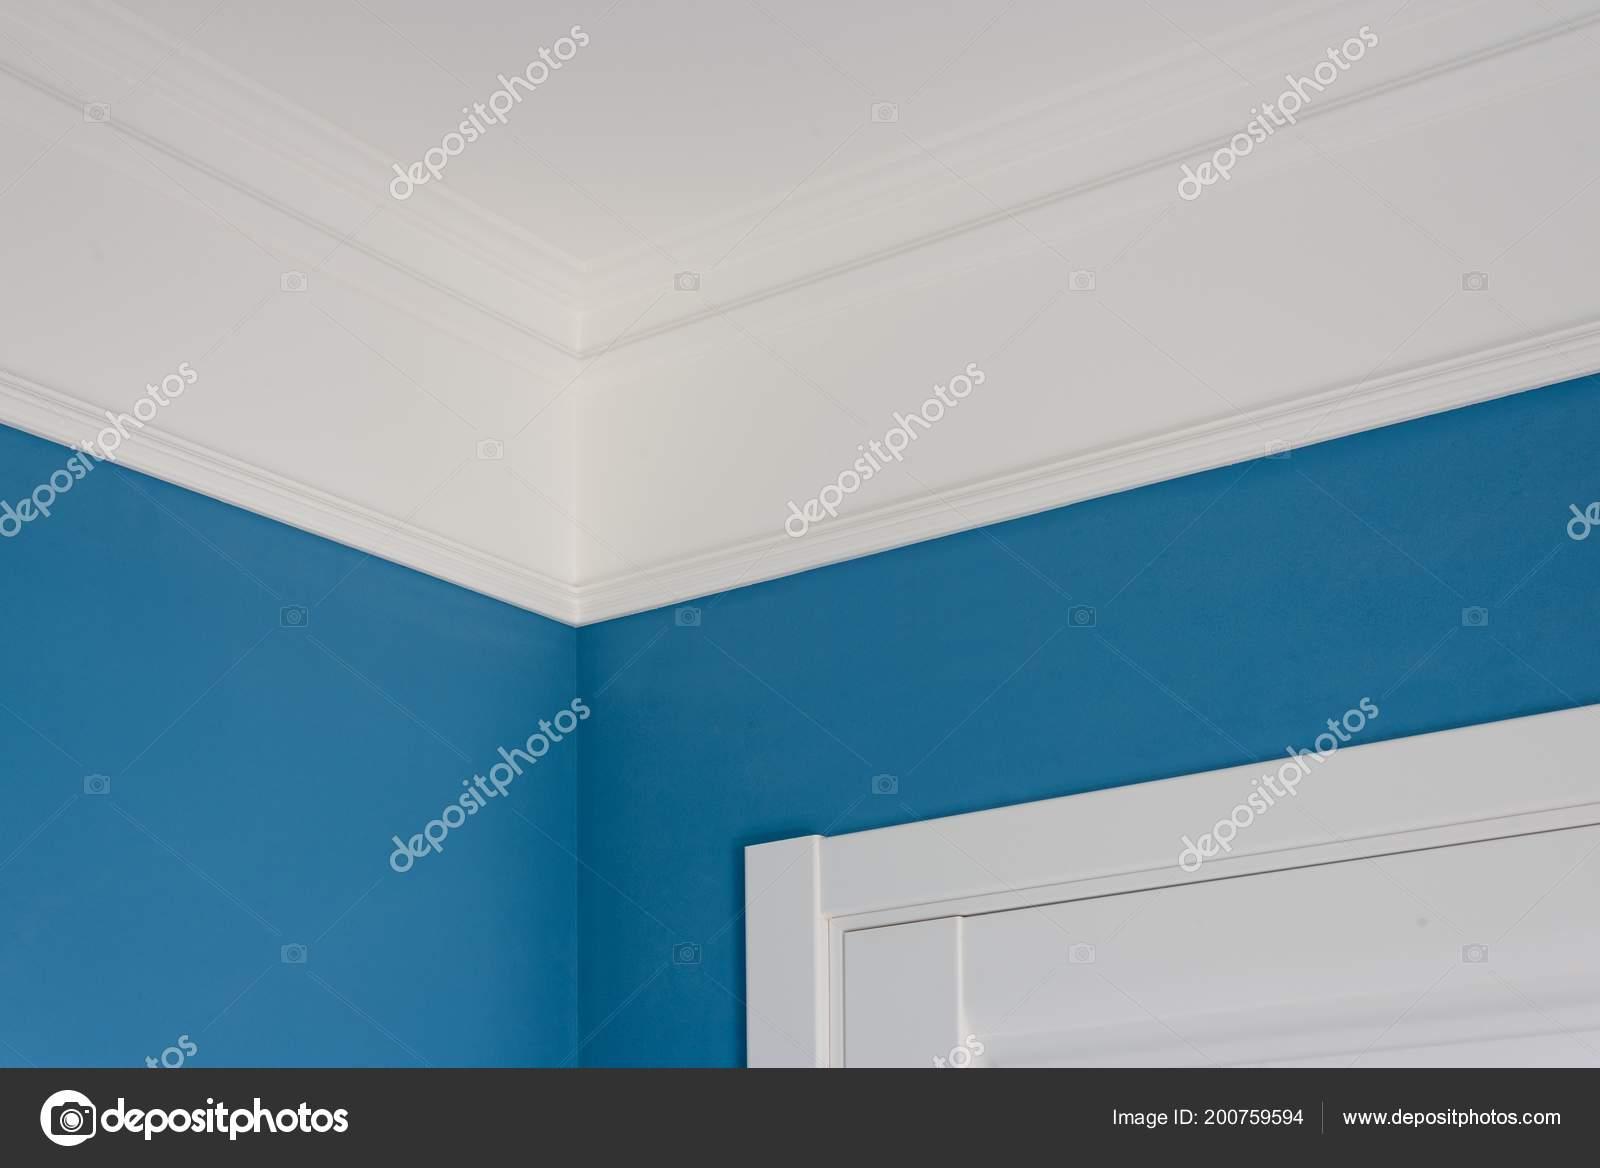 Molduras De Techo Pintadas Detalles Interior Molduras Techo Azul - Paredes-pintadas-de-azul